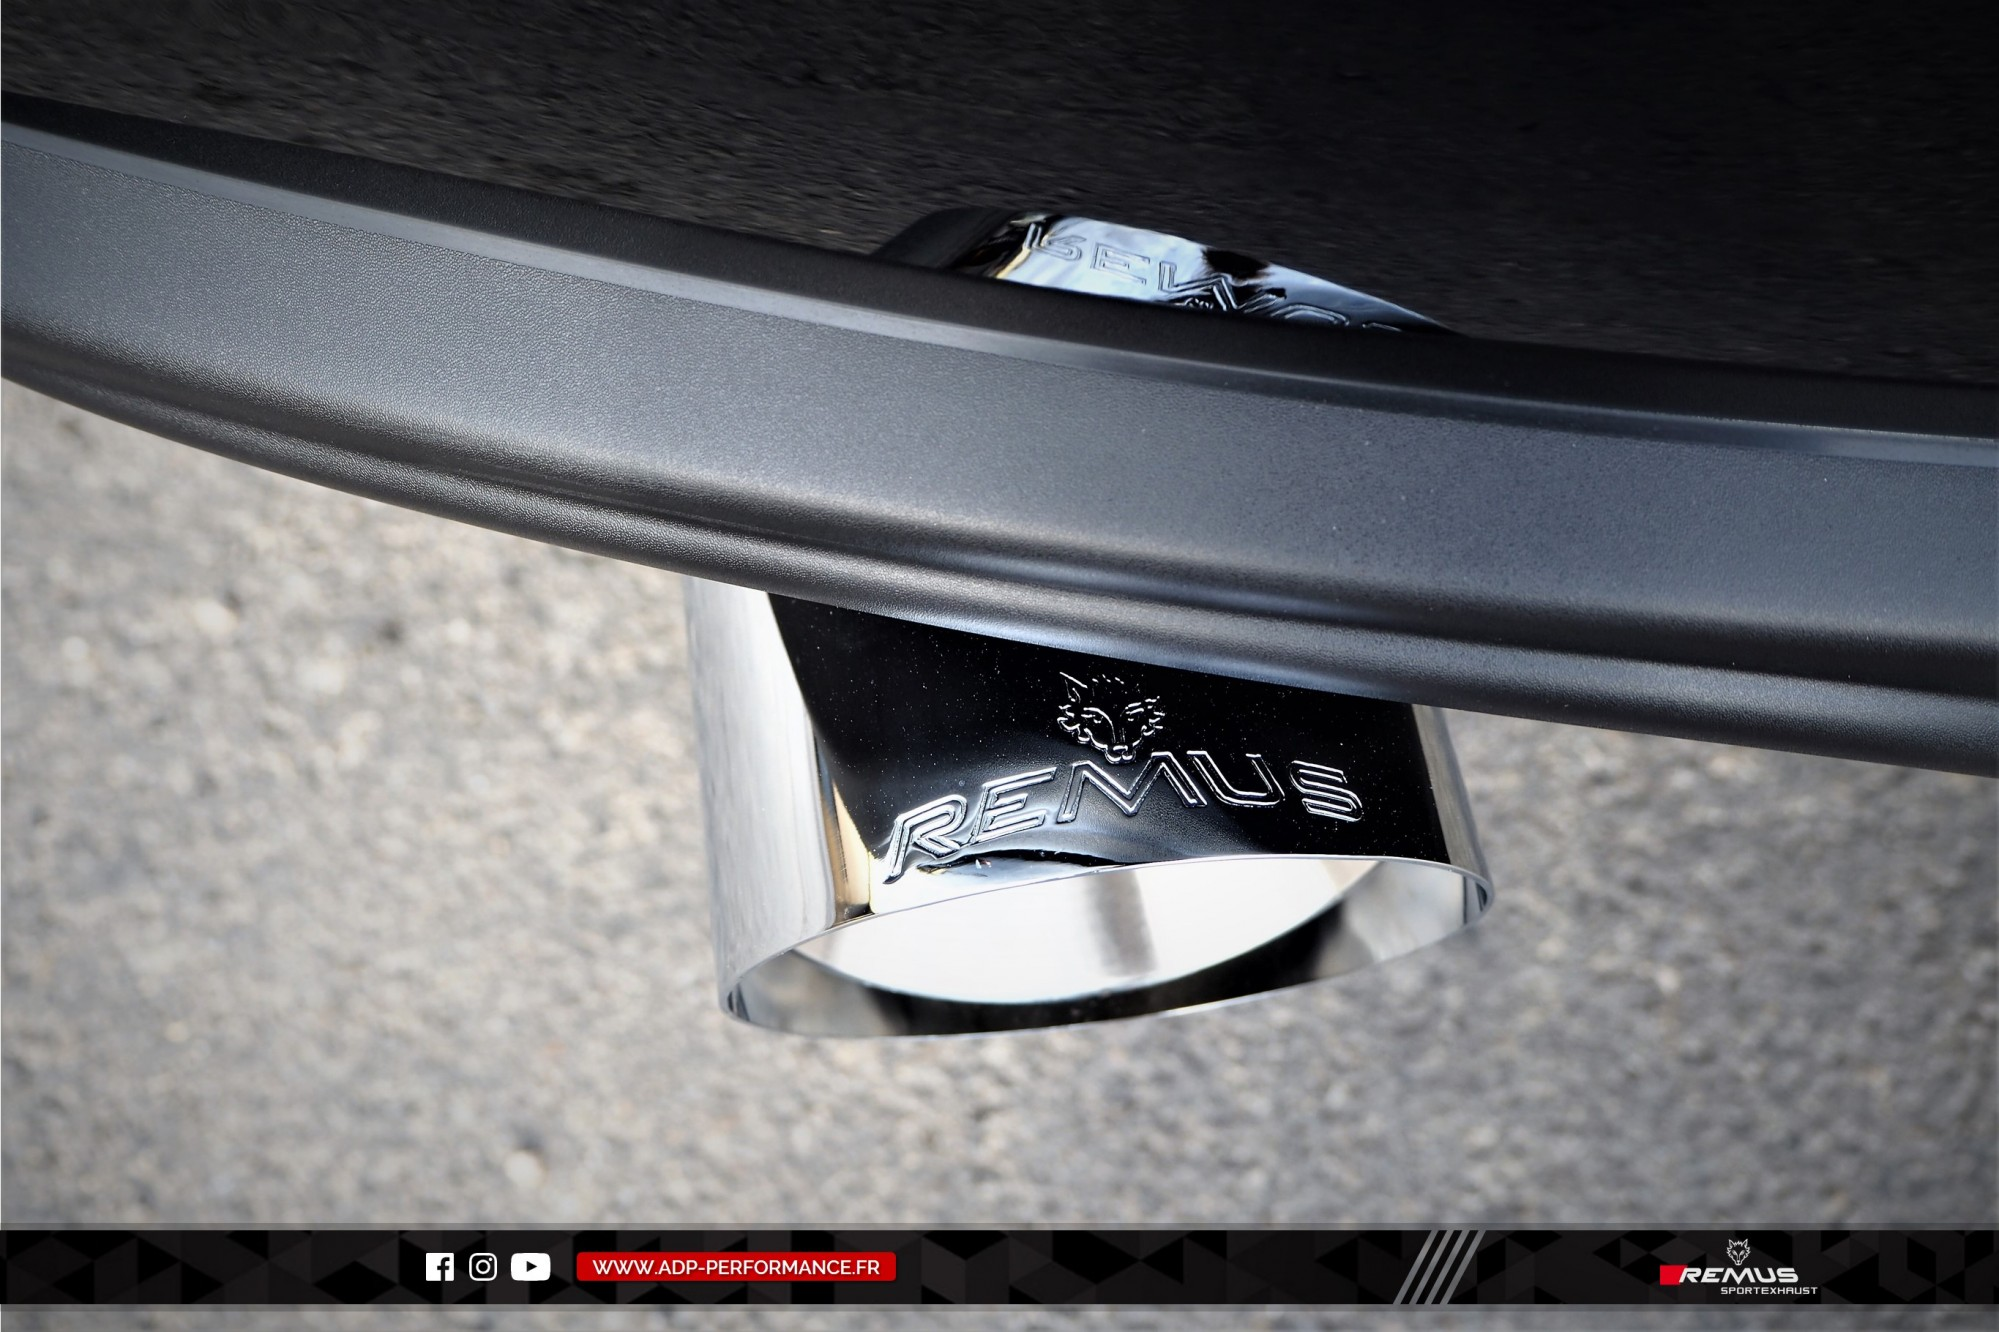 Ligne d'échappement (silencieux) Remus St Victoret - Fiat 124 Spider - ADP Performance